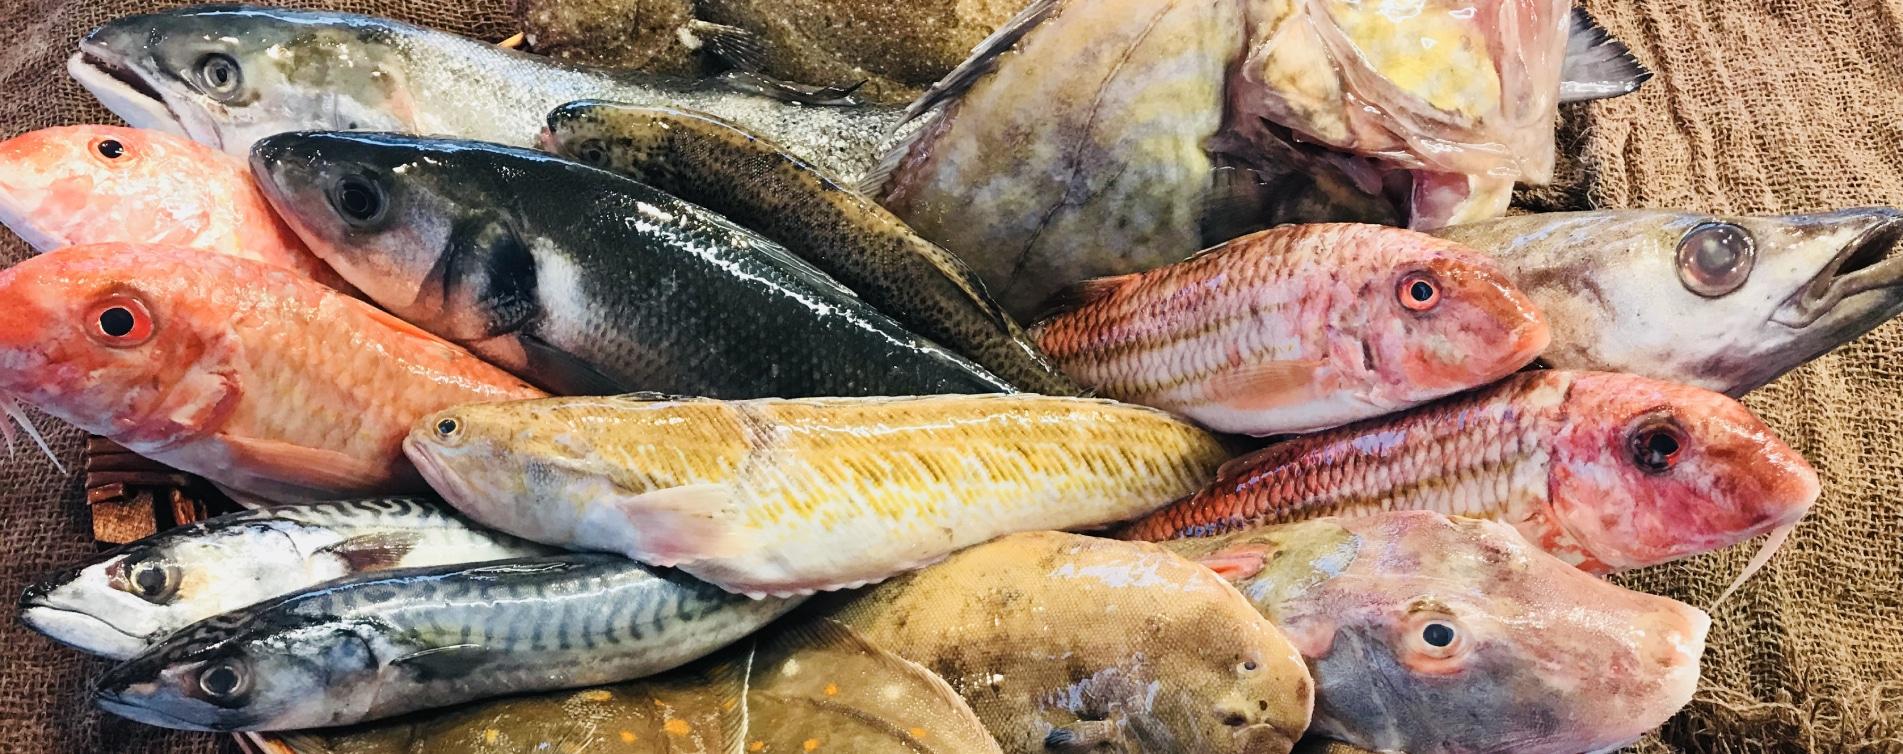 Vente en ligne de poissons, crustacés et coquillages fraichement